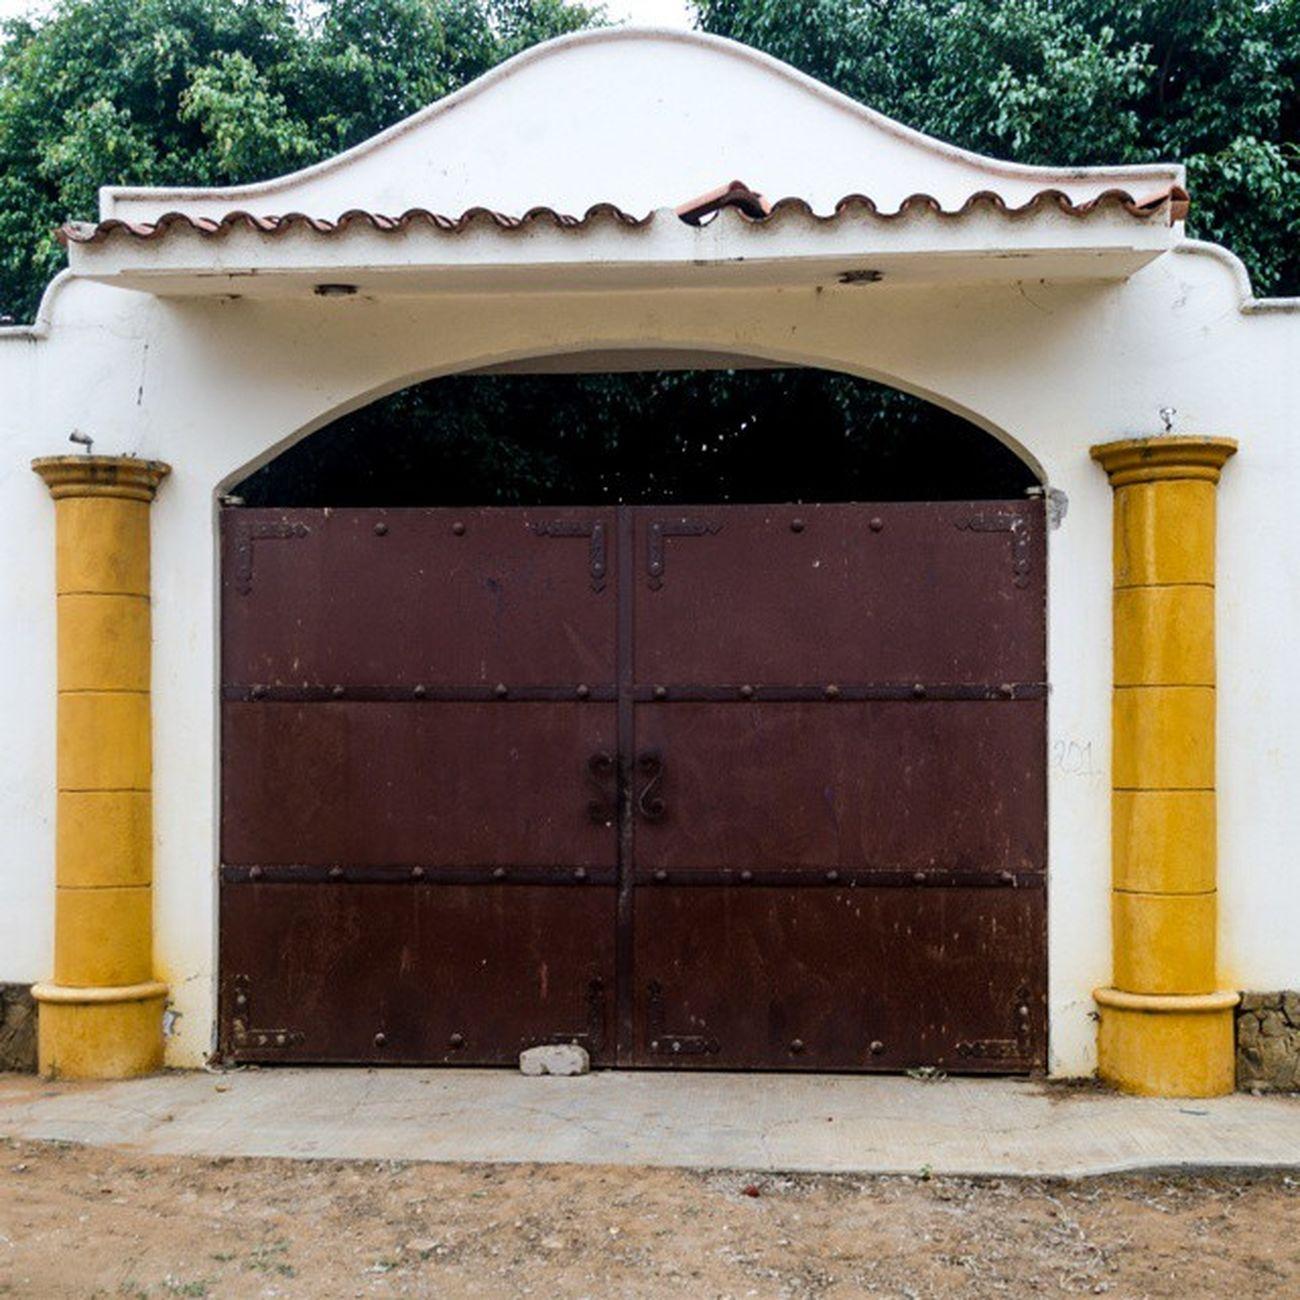 Buscando lugares nuevos... - Oaxaca Igersoaxaca Puertasmex Door Old -